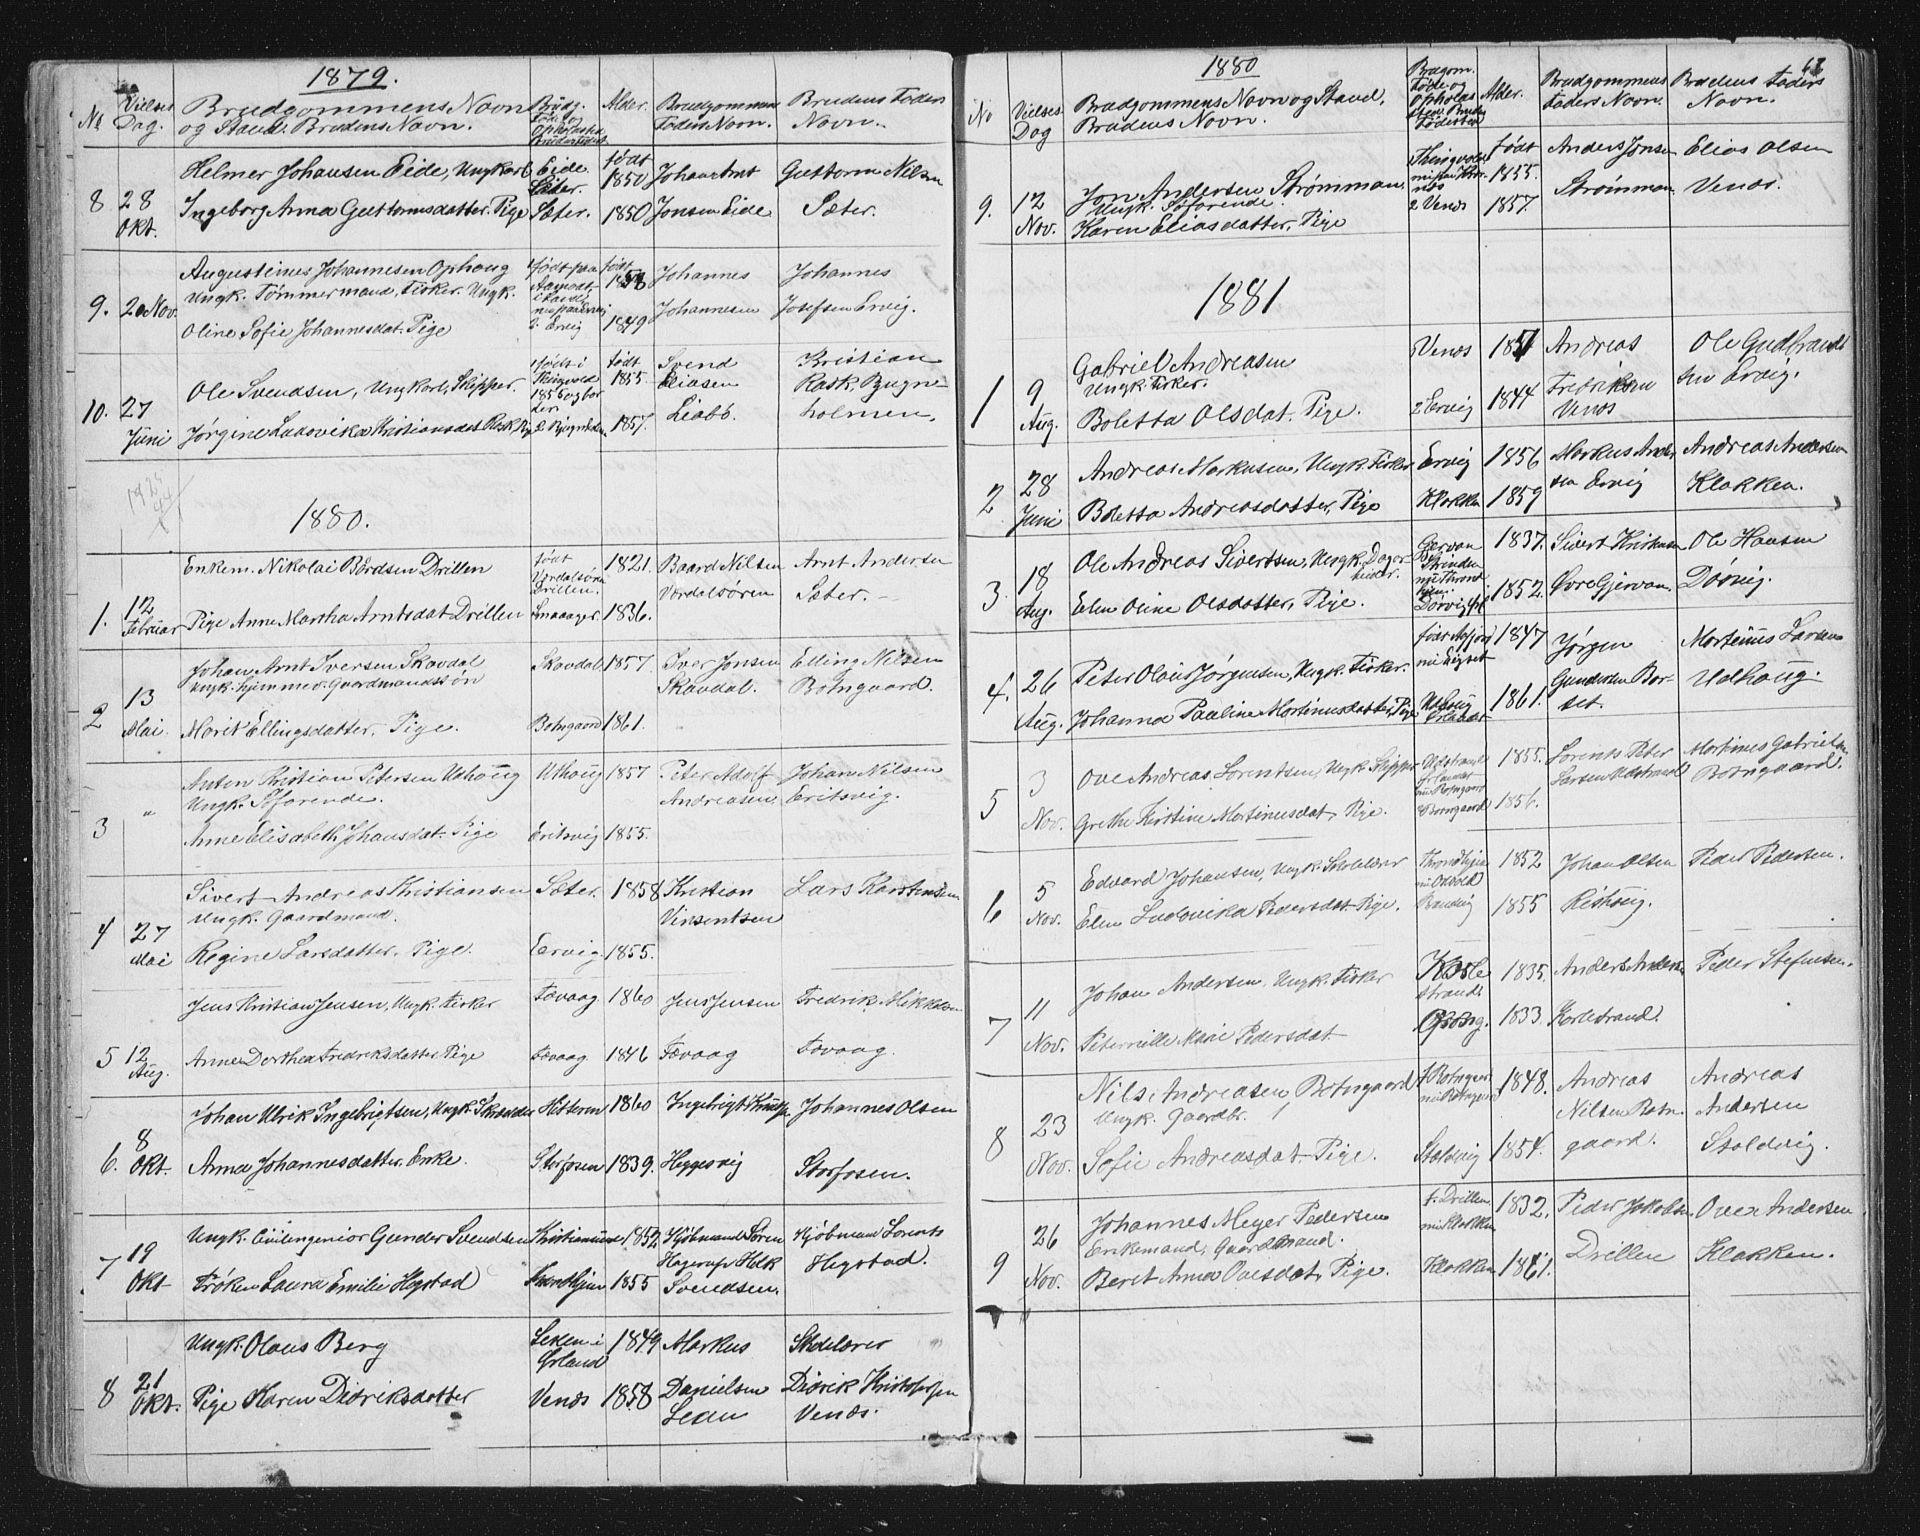 SAT, Ministerialprotokoller, klokkerbøker og fødselsregistre - Sør-Trøndelag, 651/L0647: Klokkerbok nr. 651C01, 1866-1914, s. 66